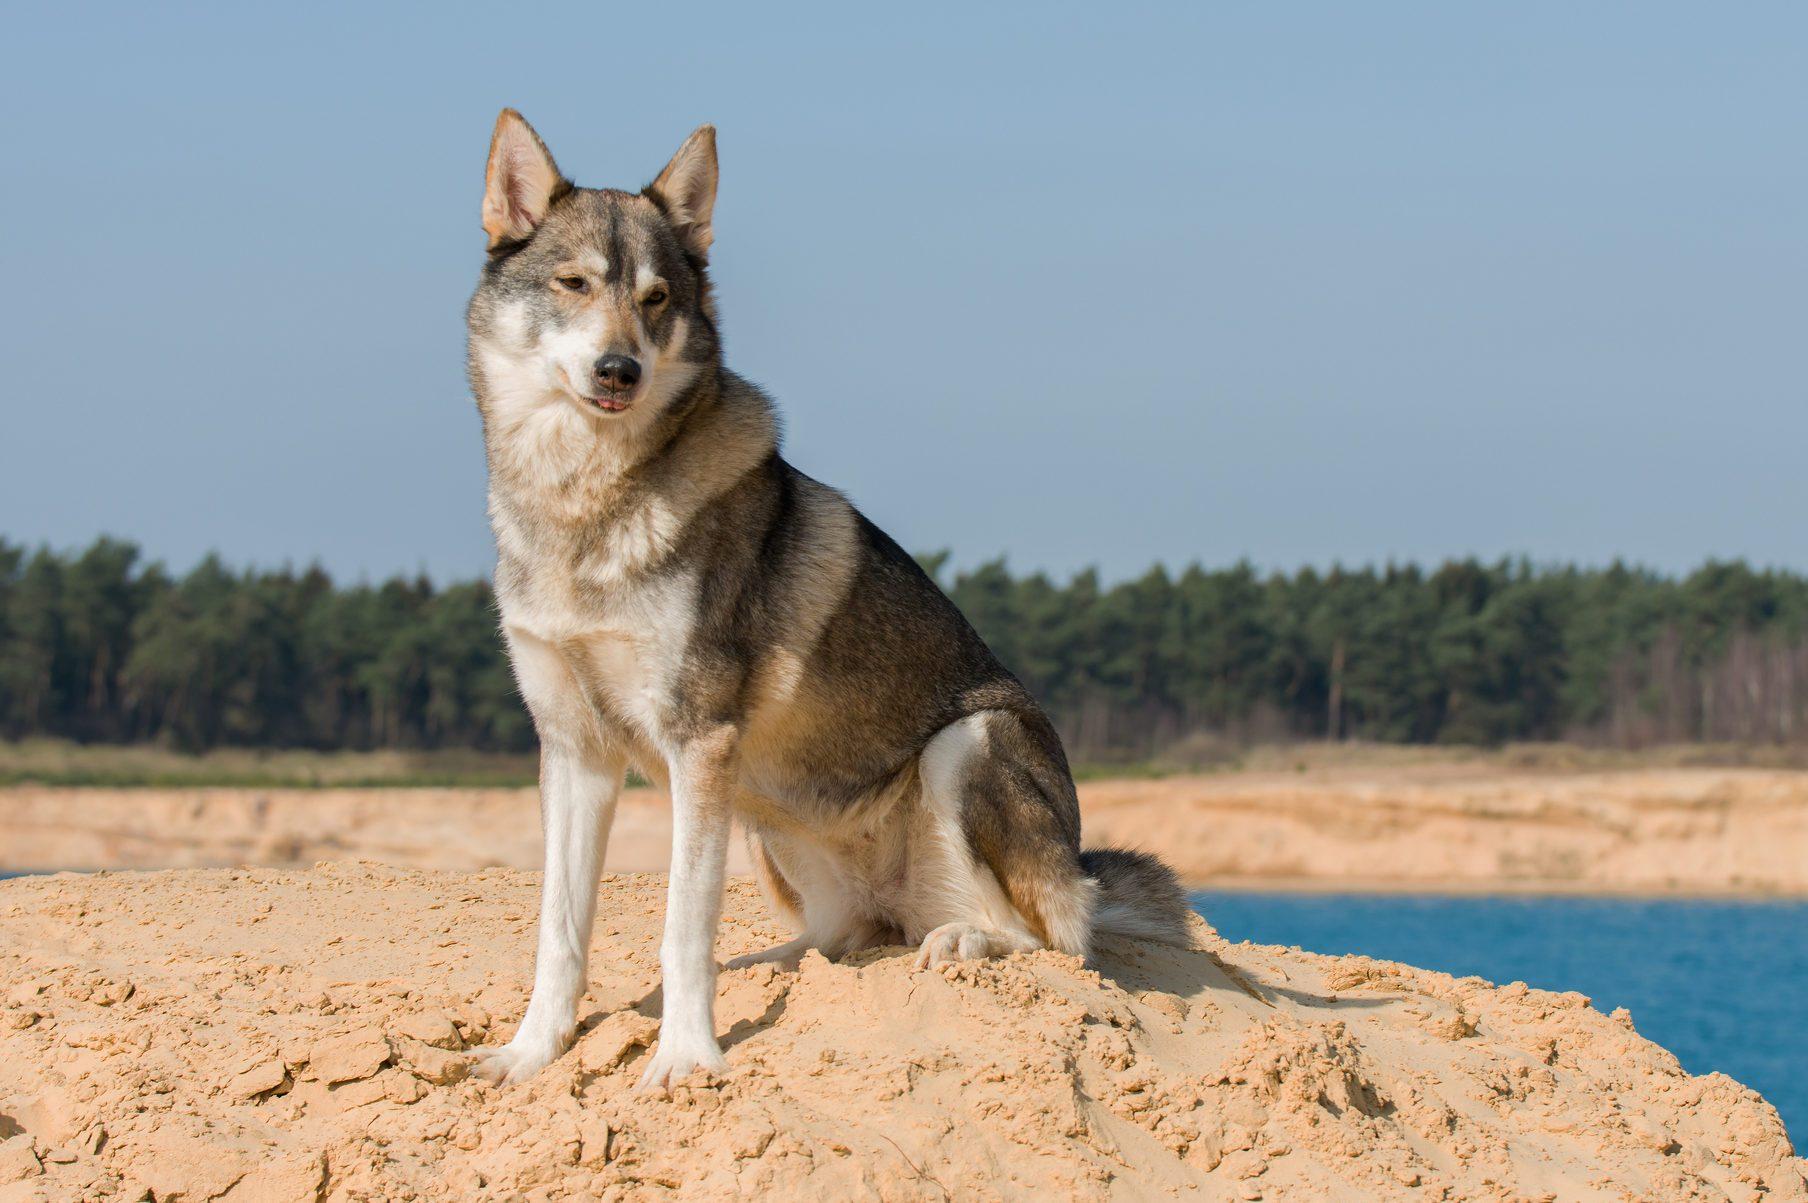 Tamaskan she-dog